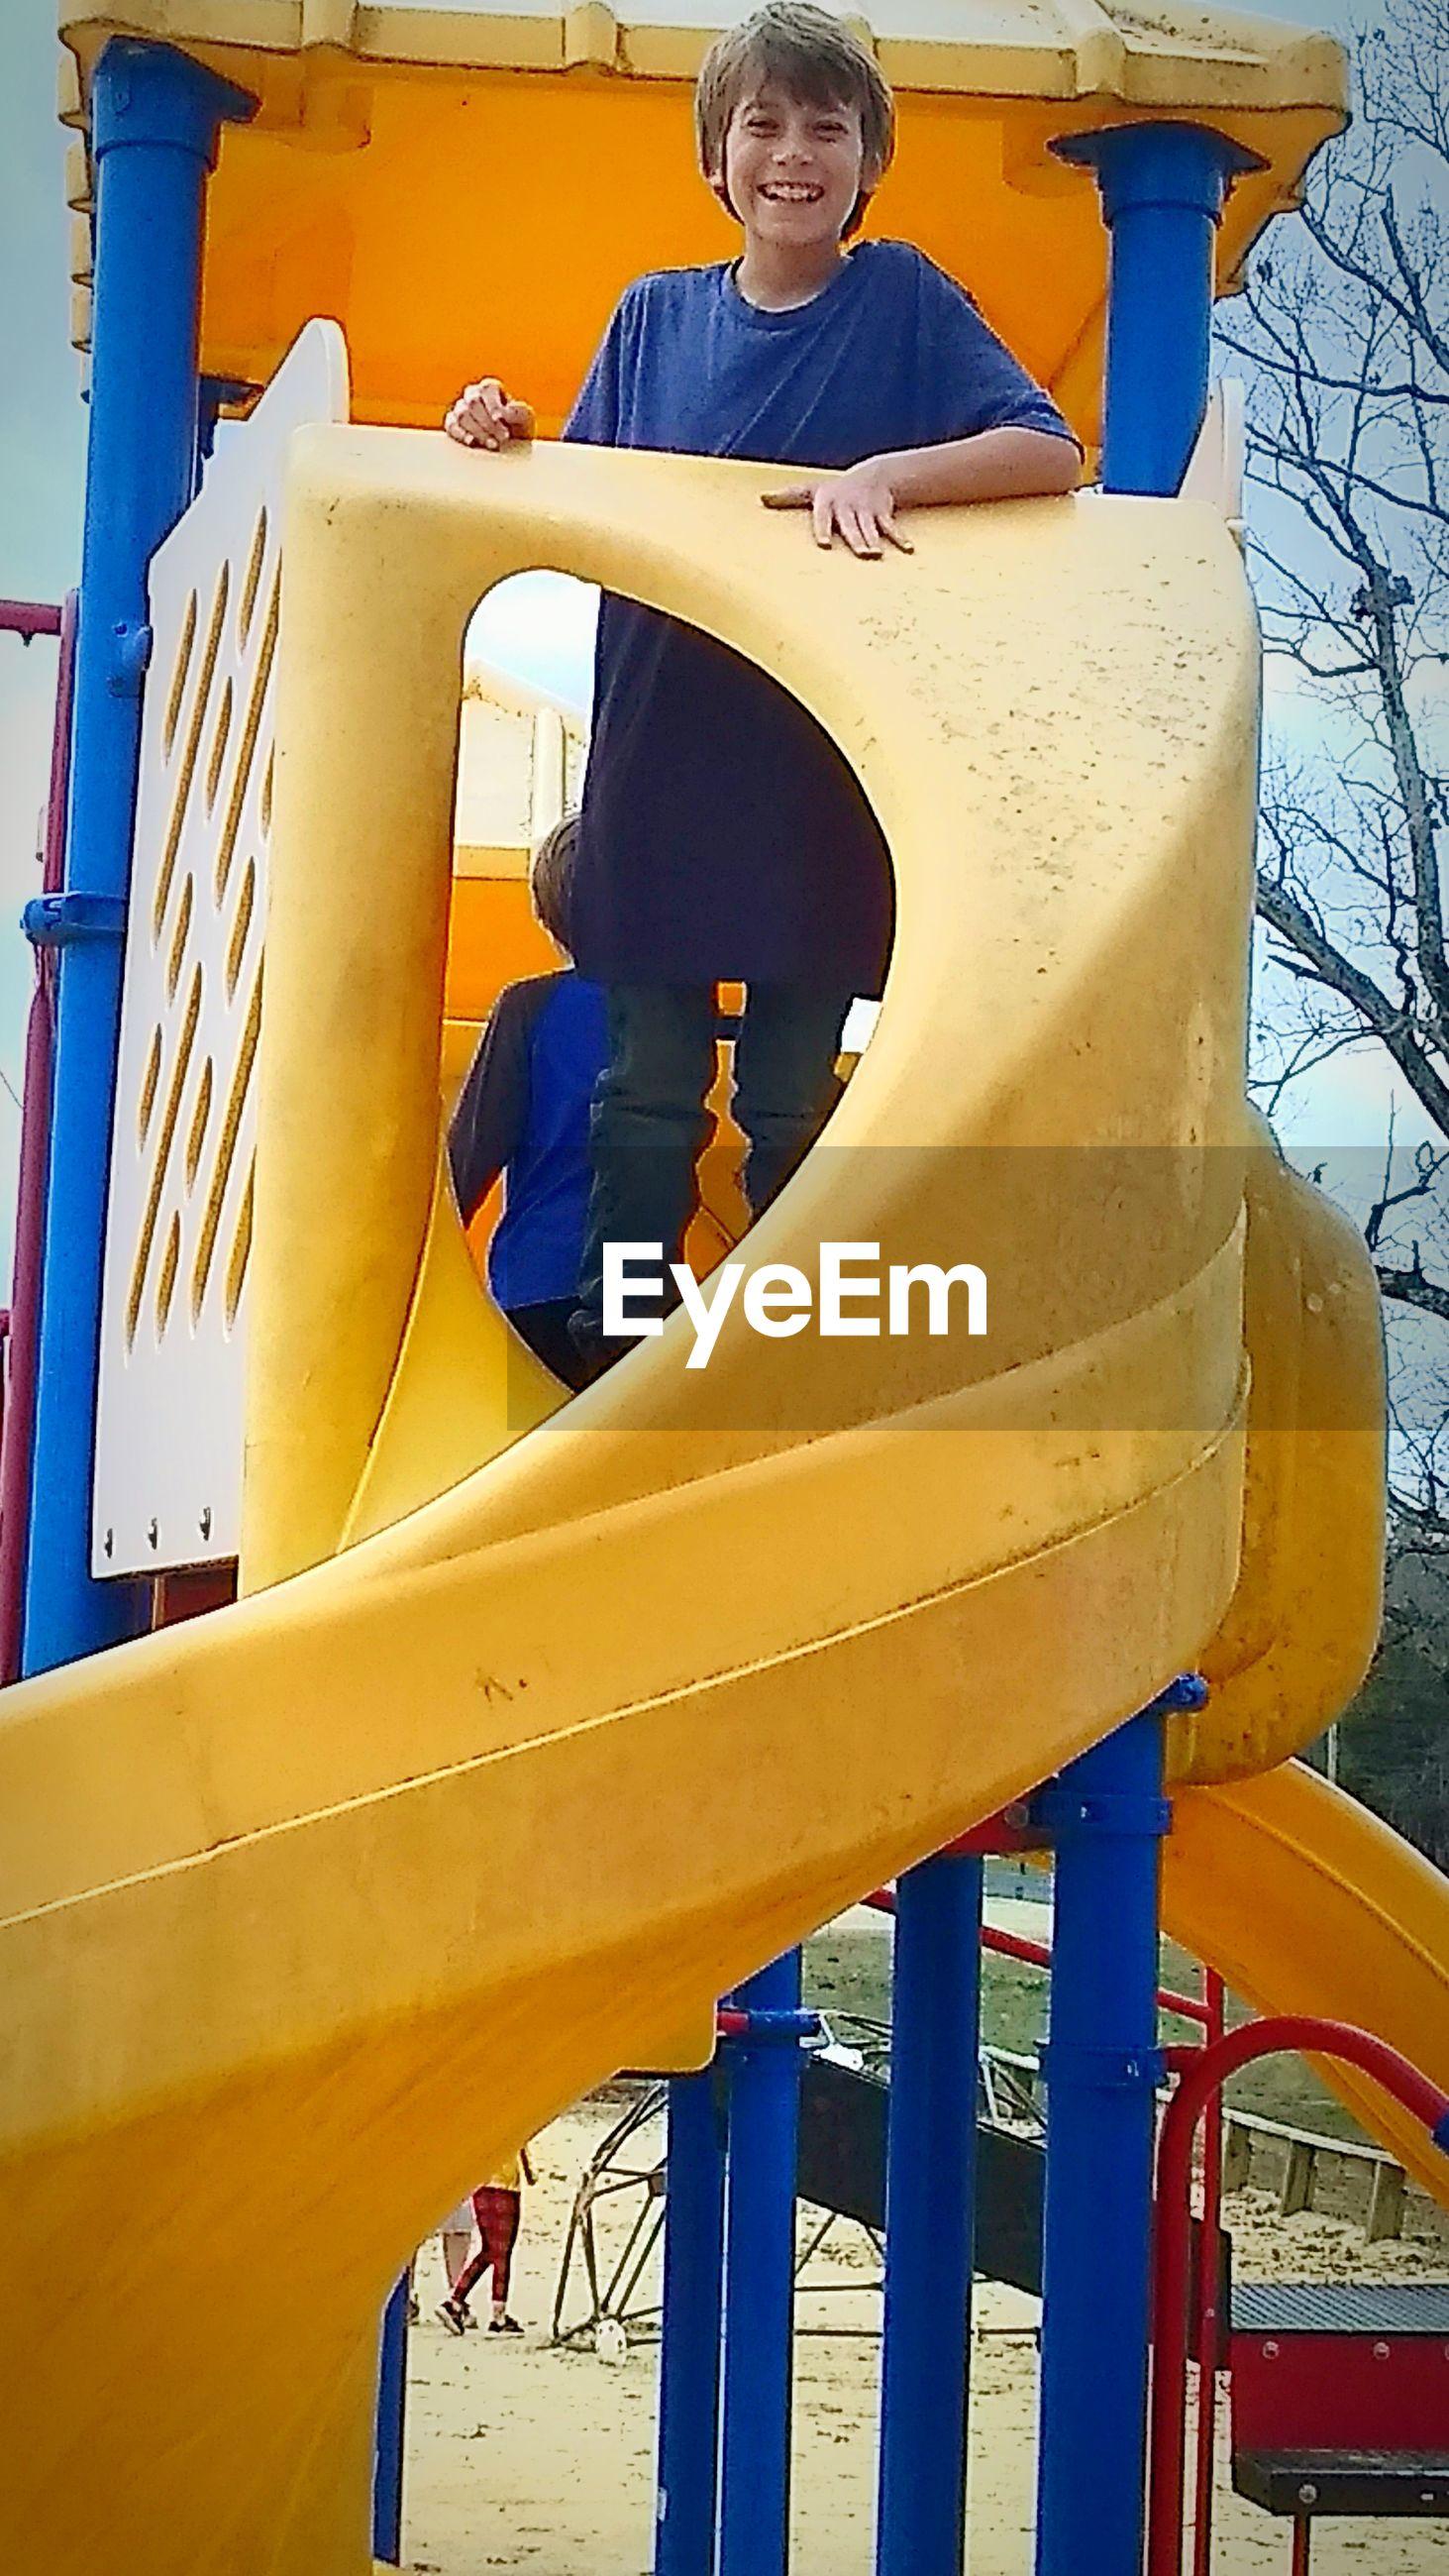 Portrait of boy on slide in playground